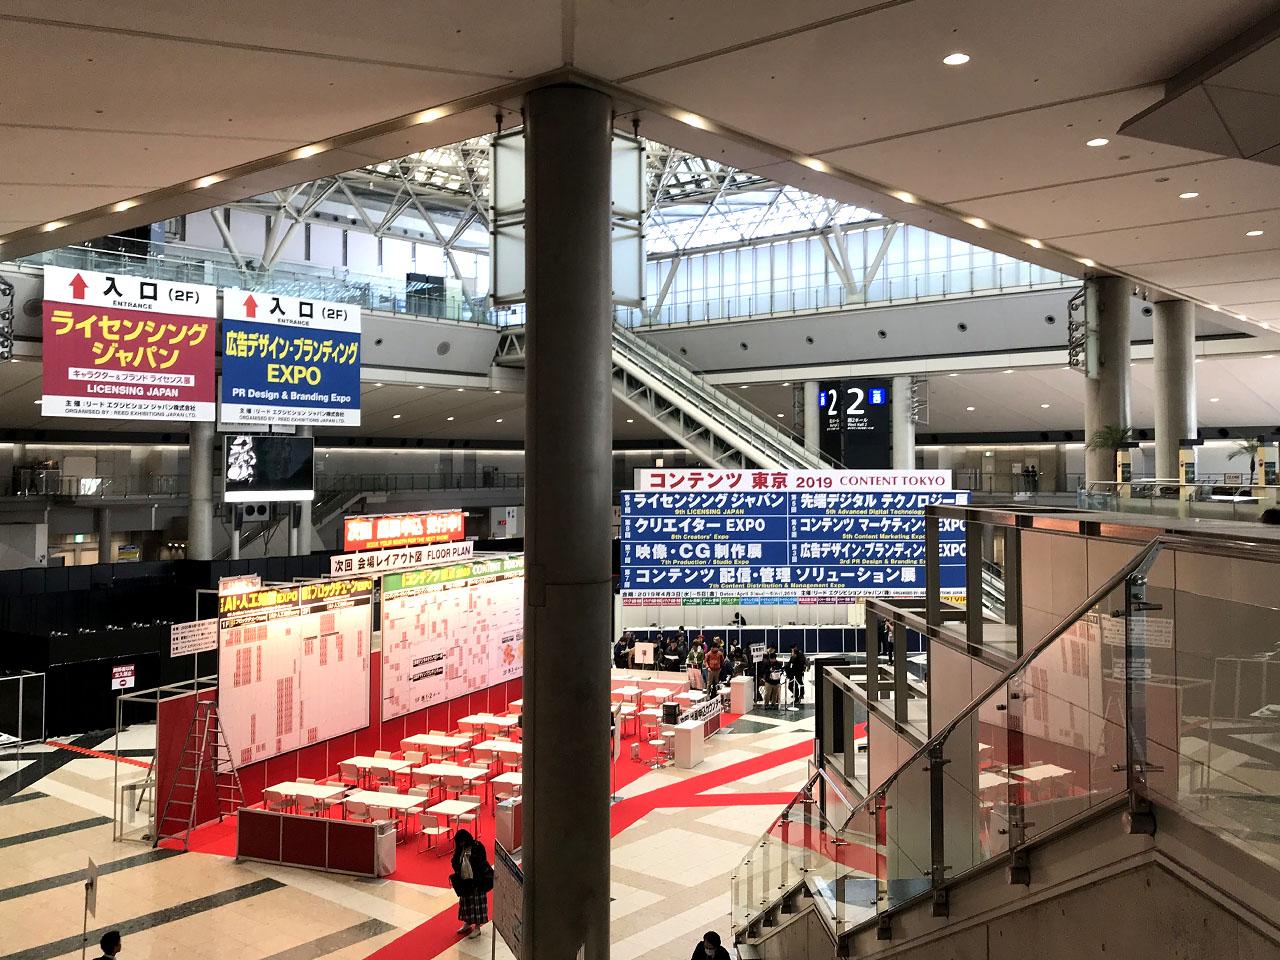 クリエイターEXPO:コンテンツ東京の様子